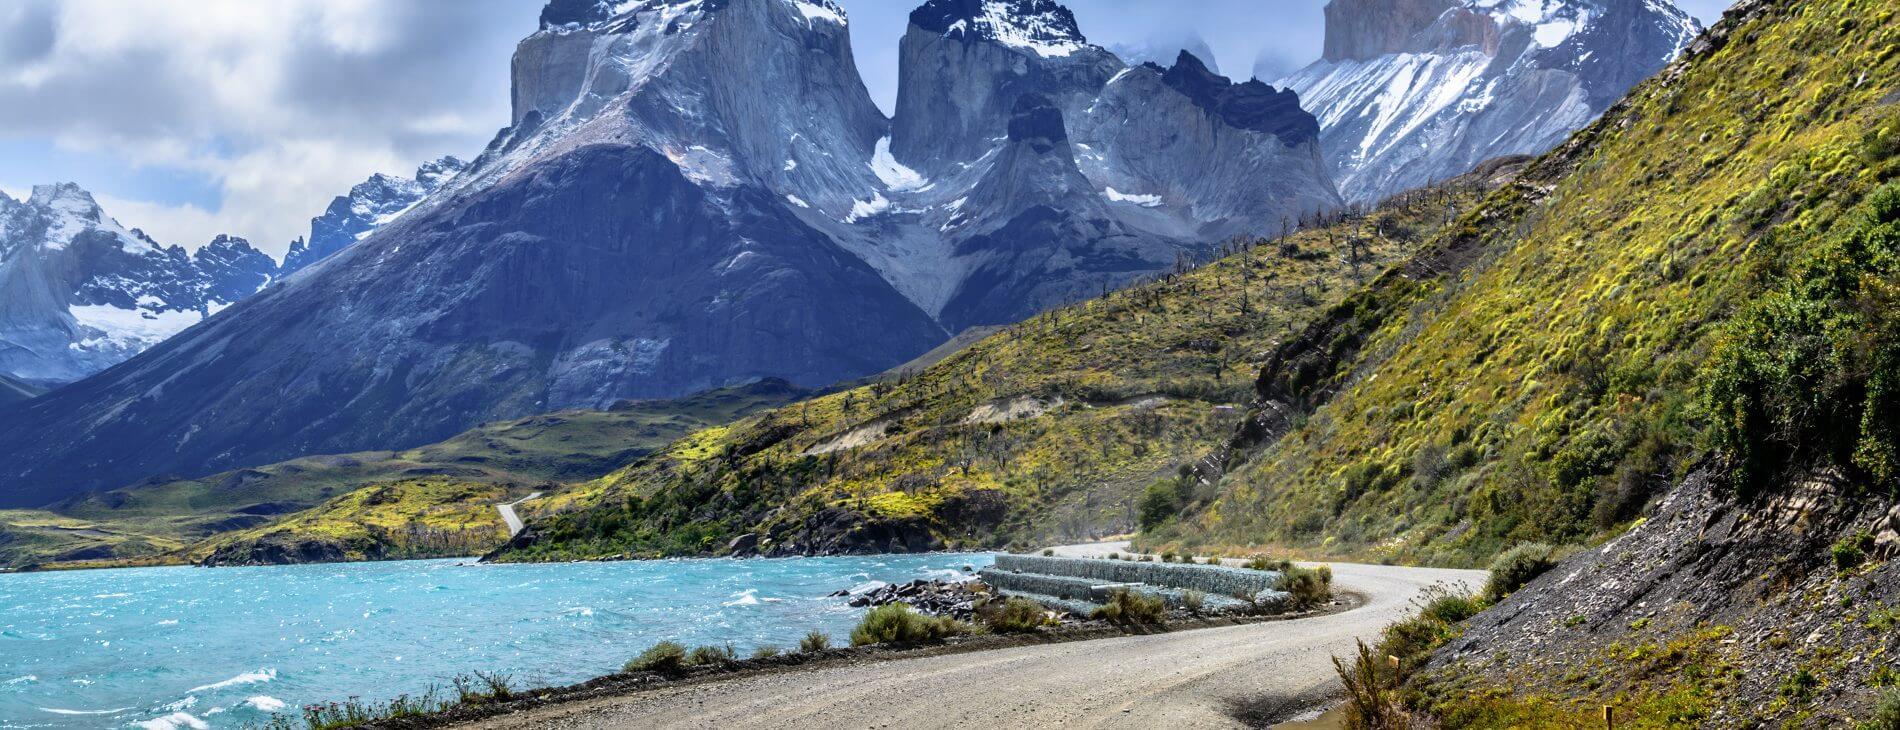 Mastroviaggiatore Patagonia Gran Tour Torres Del Paine